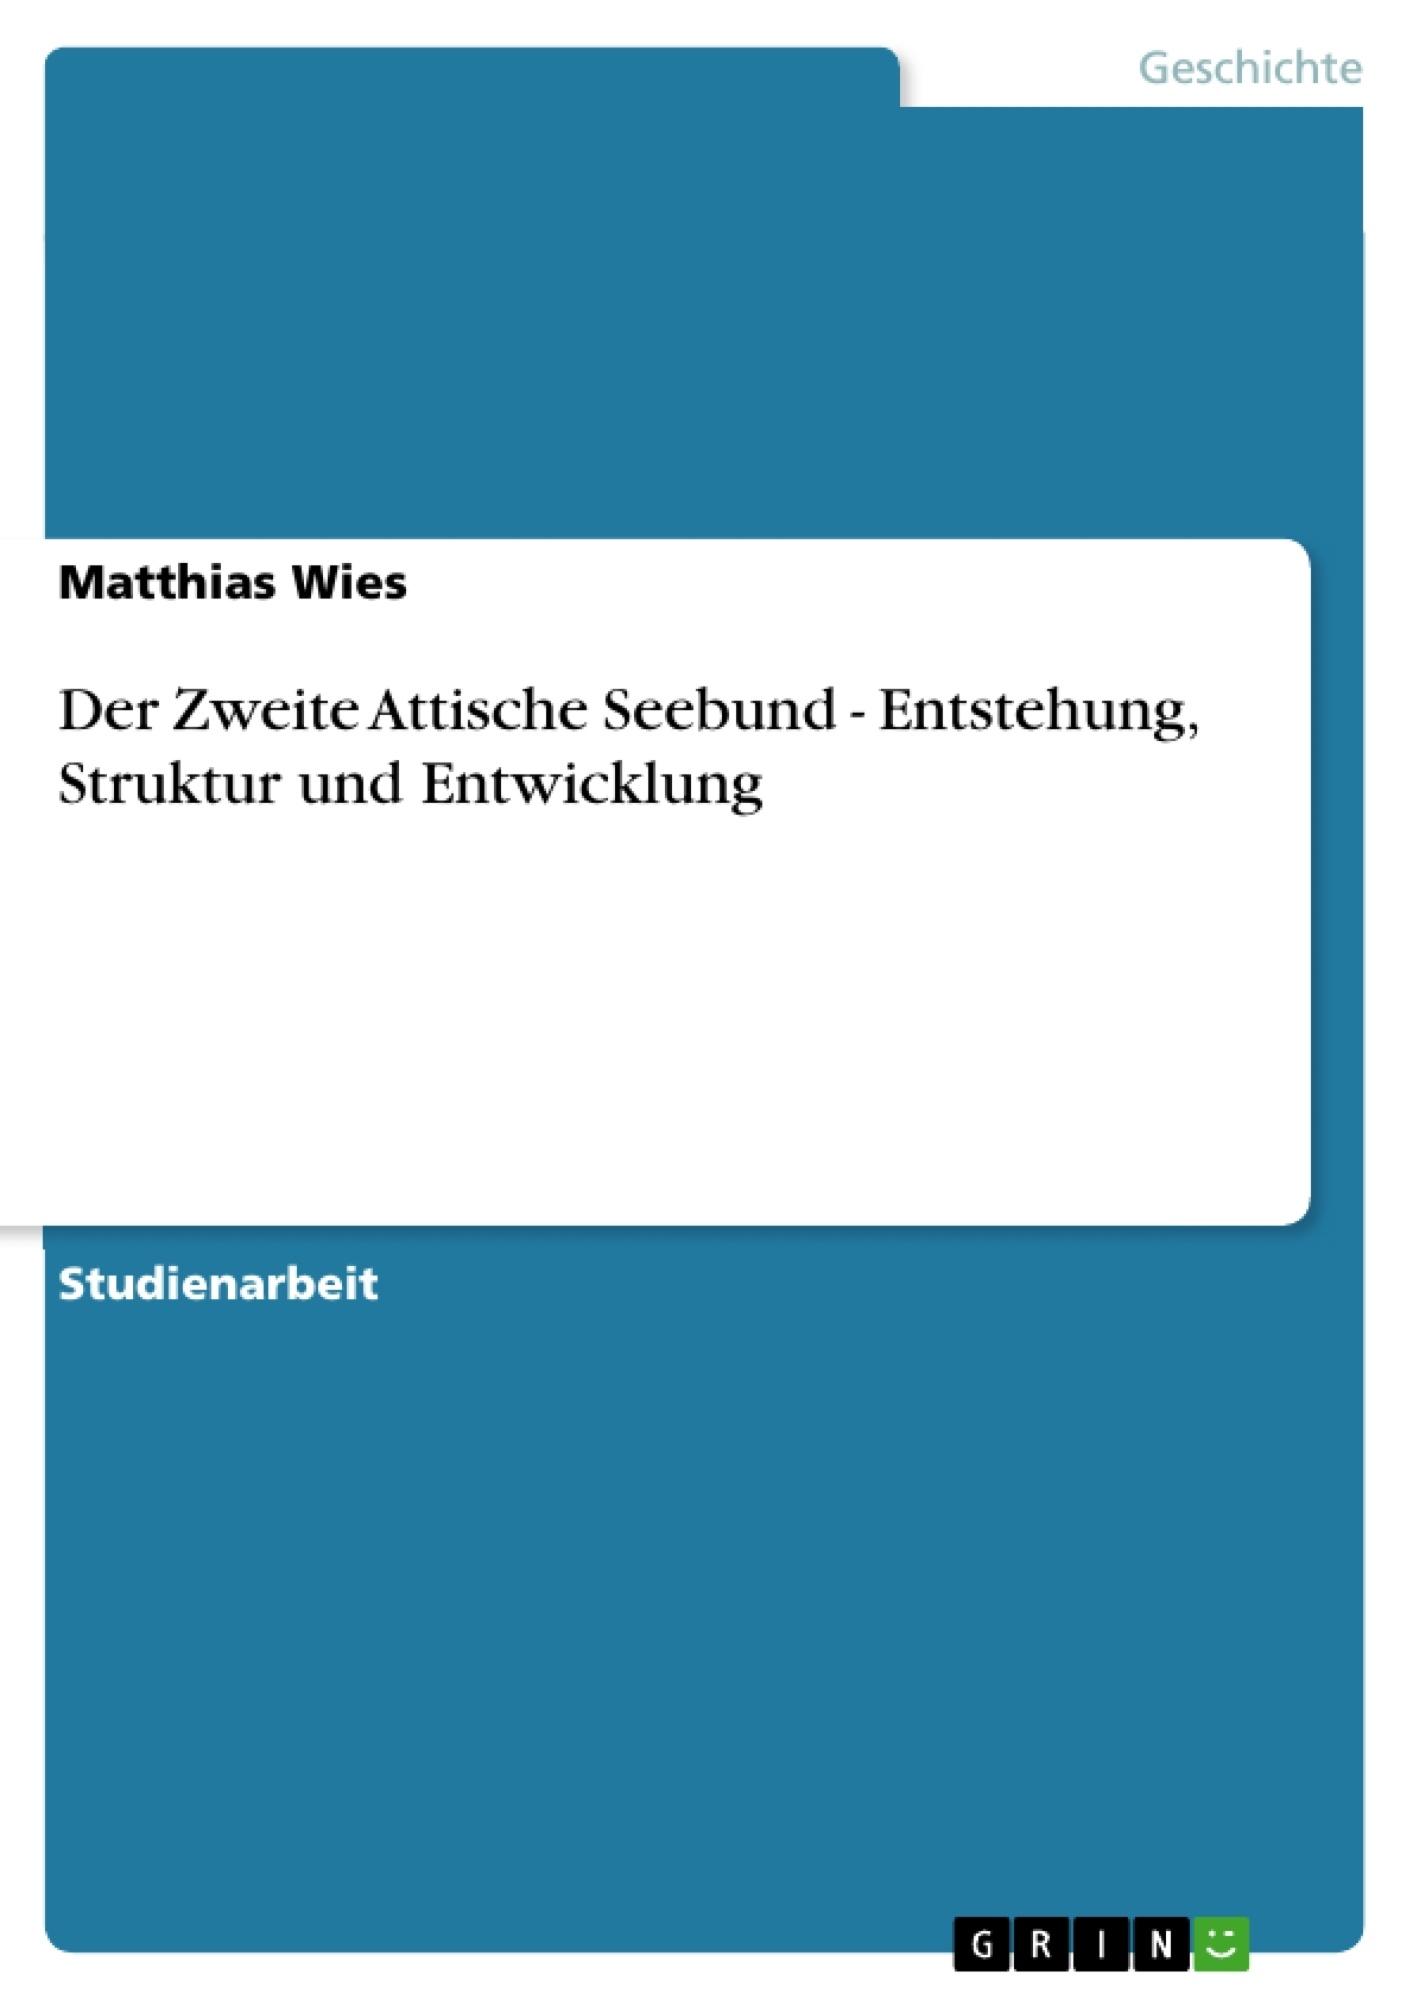 Titel: Der Zweite Attische Seebund - Entstehung, Struktur und Entwicklung